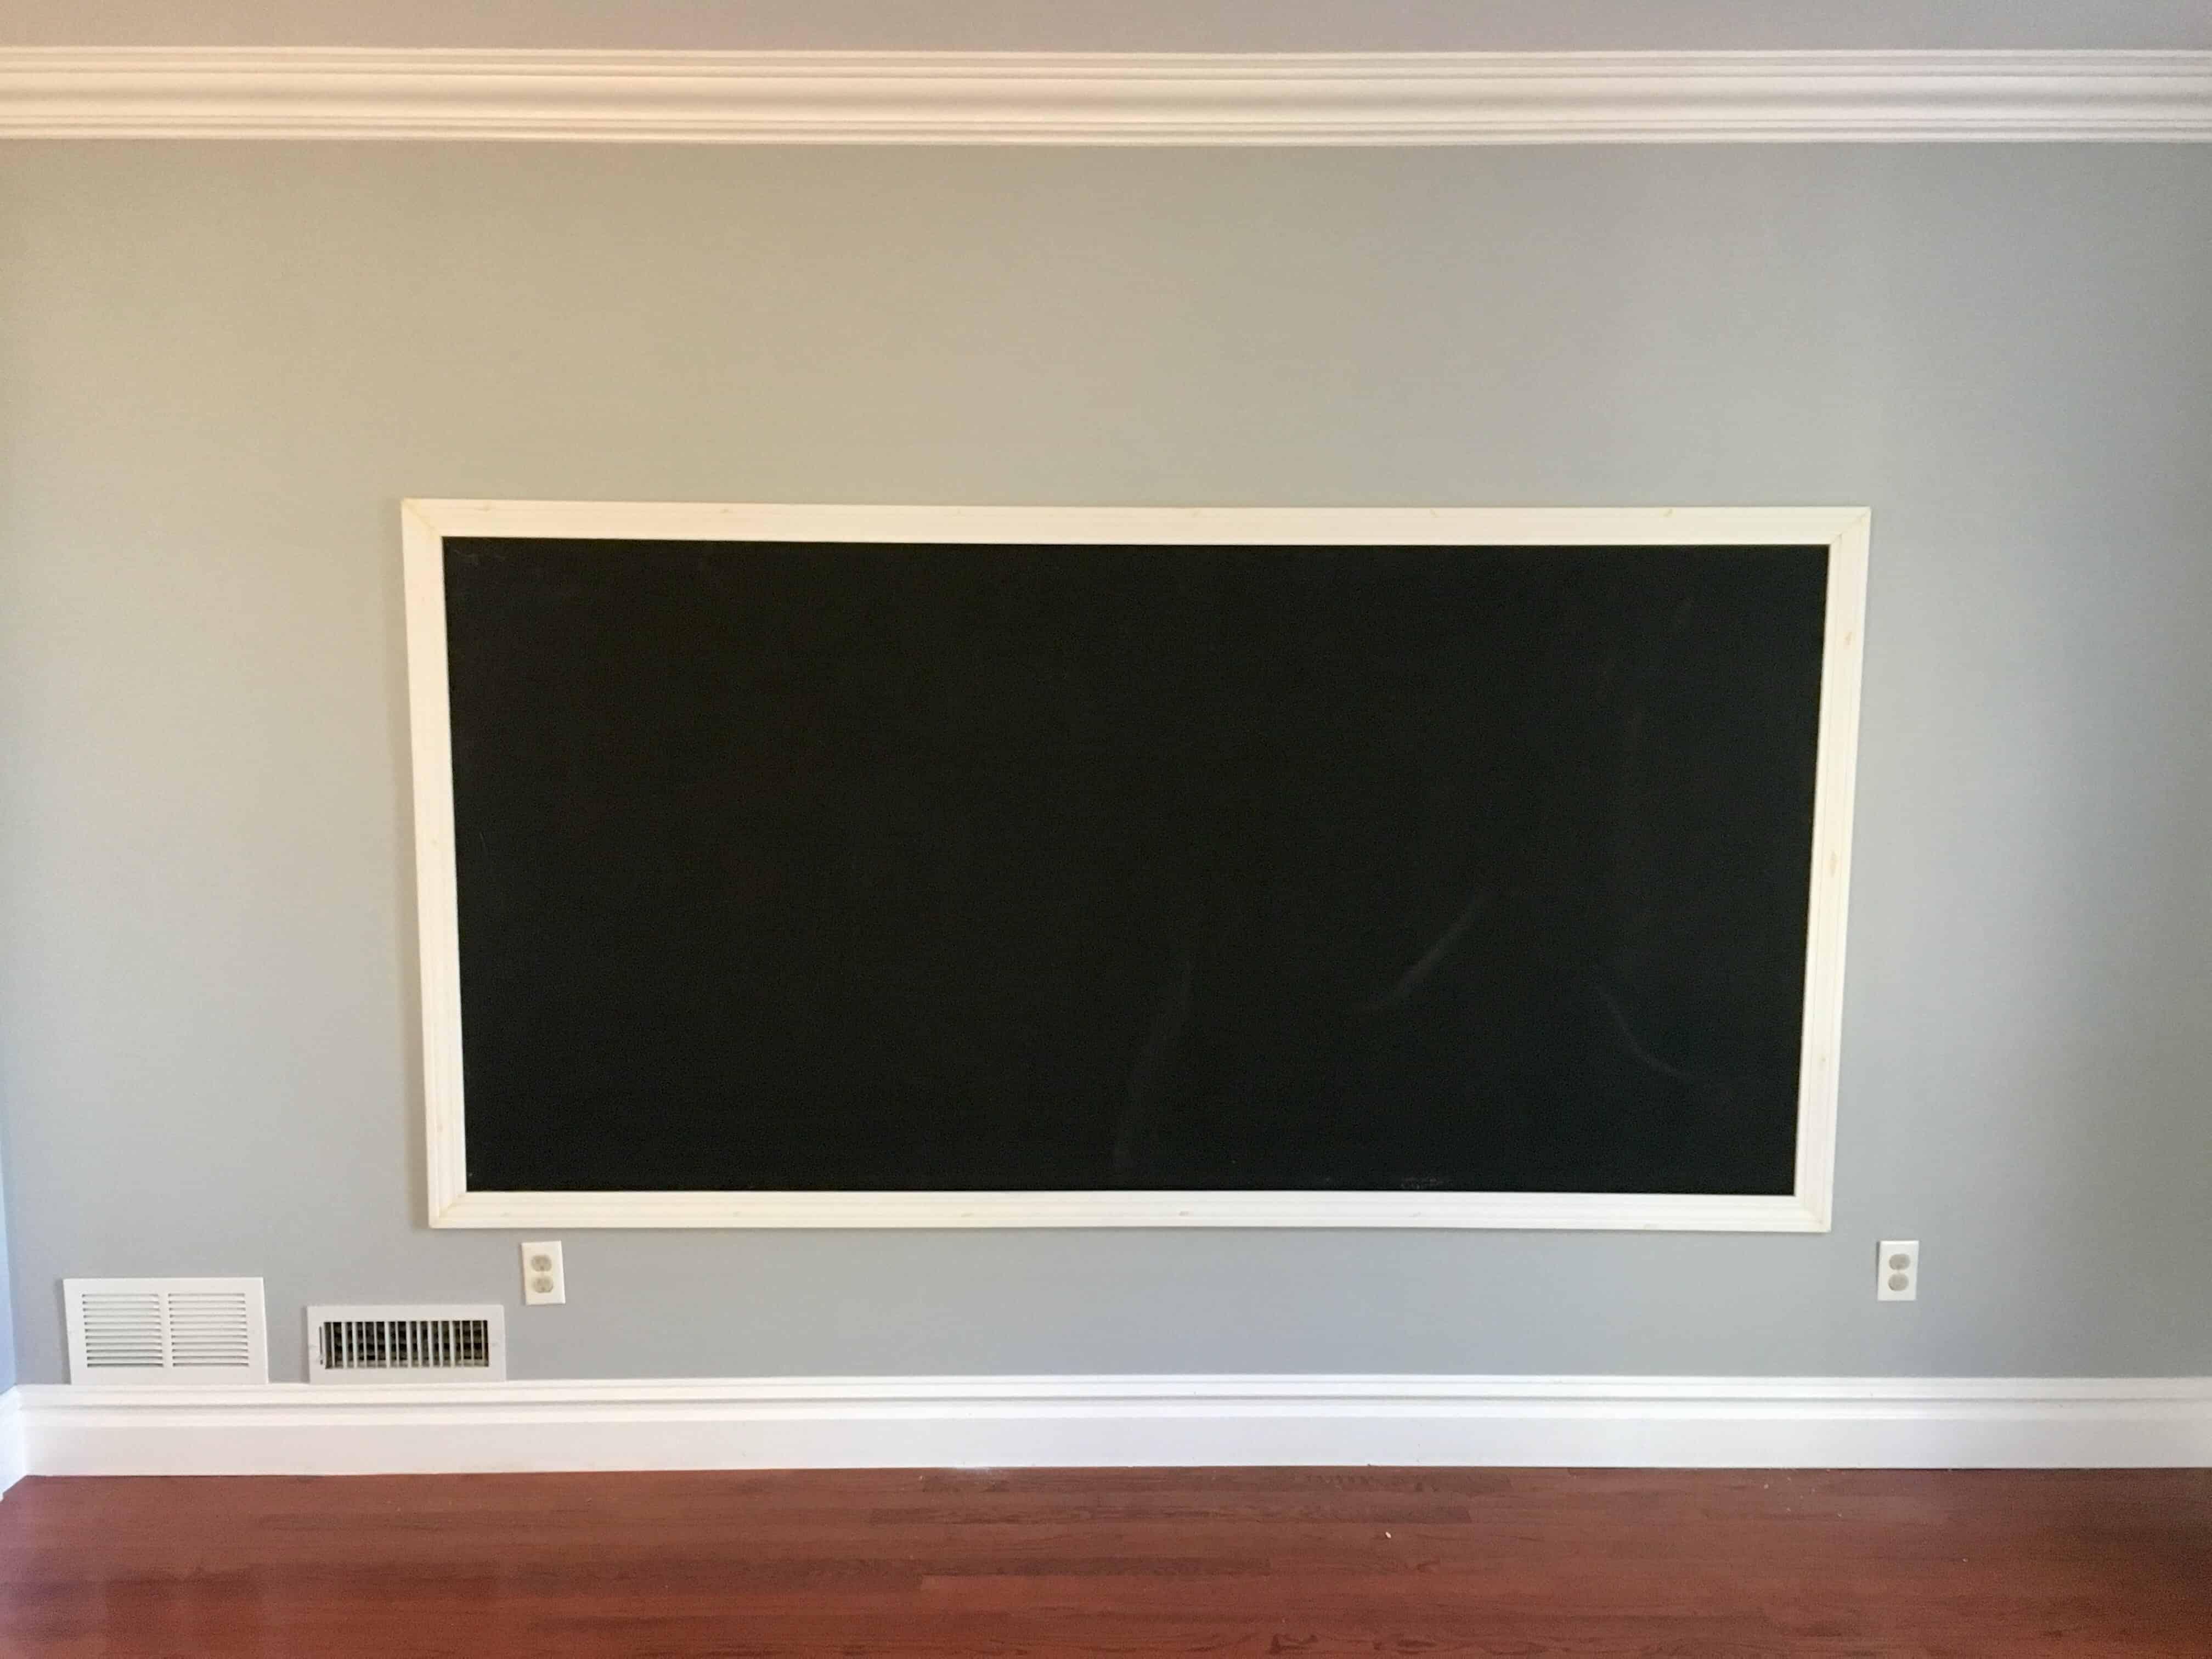 Chalkboard before seasoned